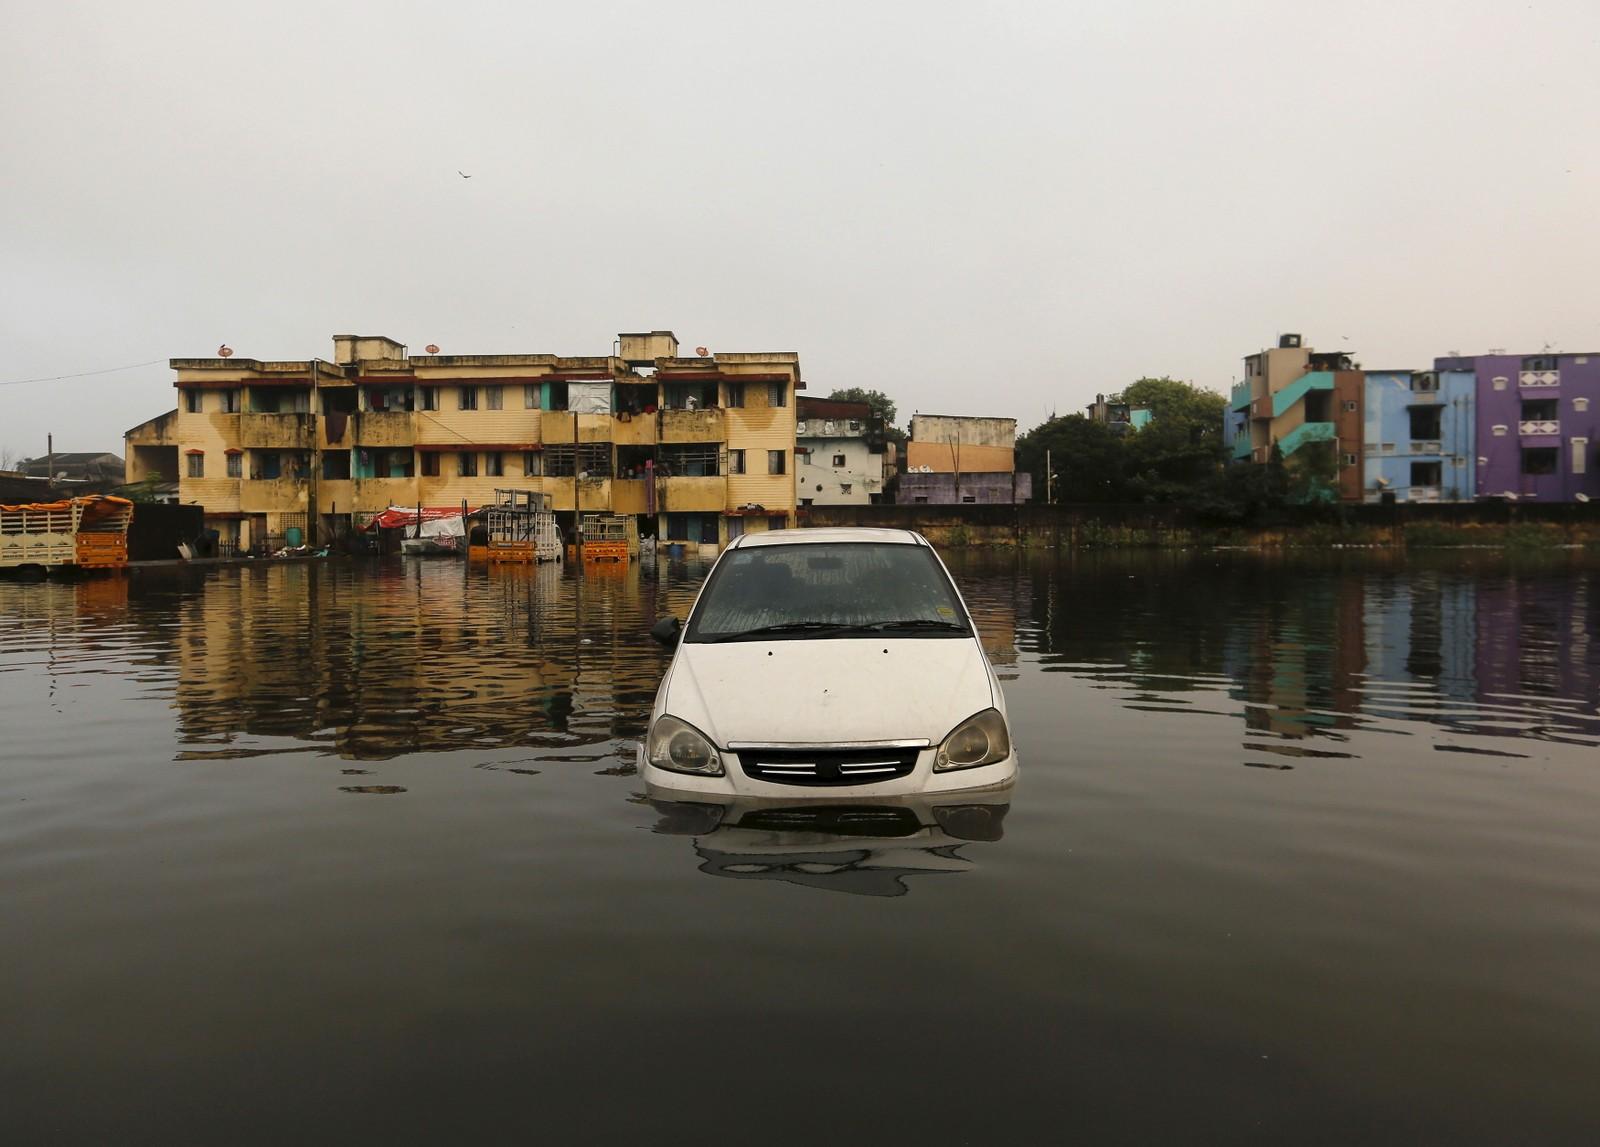 Bilen er halv dekket av vann på en parkeringsplass i Chennai. Dette er det kraftigste regnfallet på hundre år i delstaten Tamil Nadu i India.